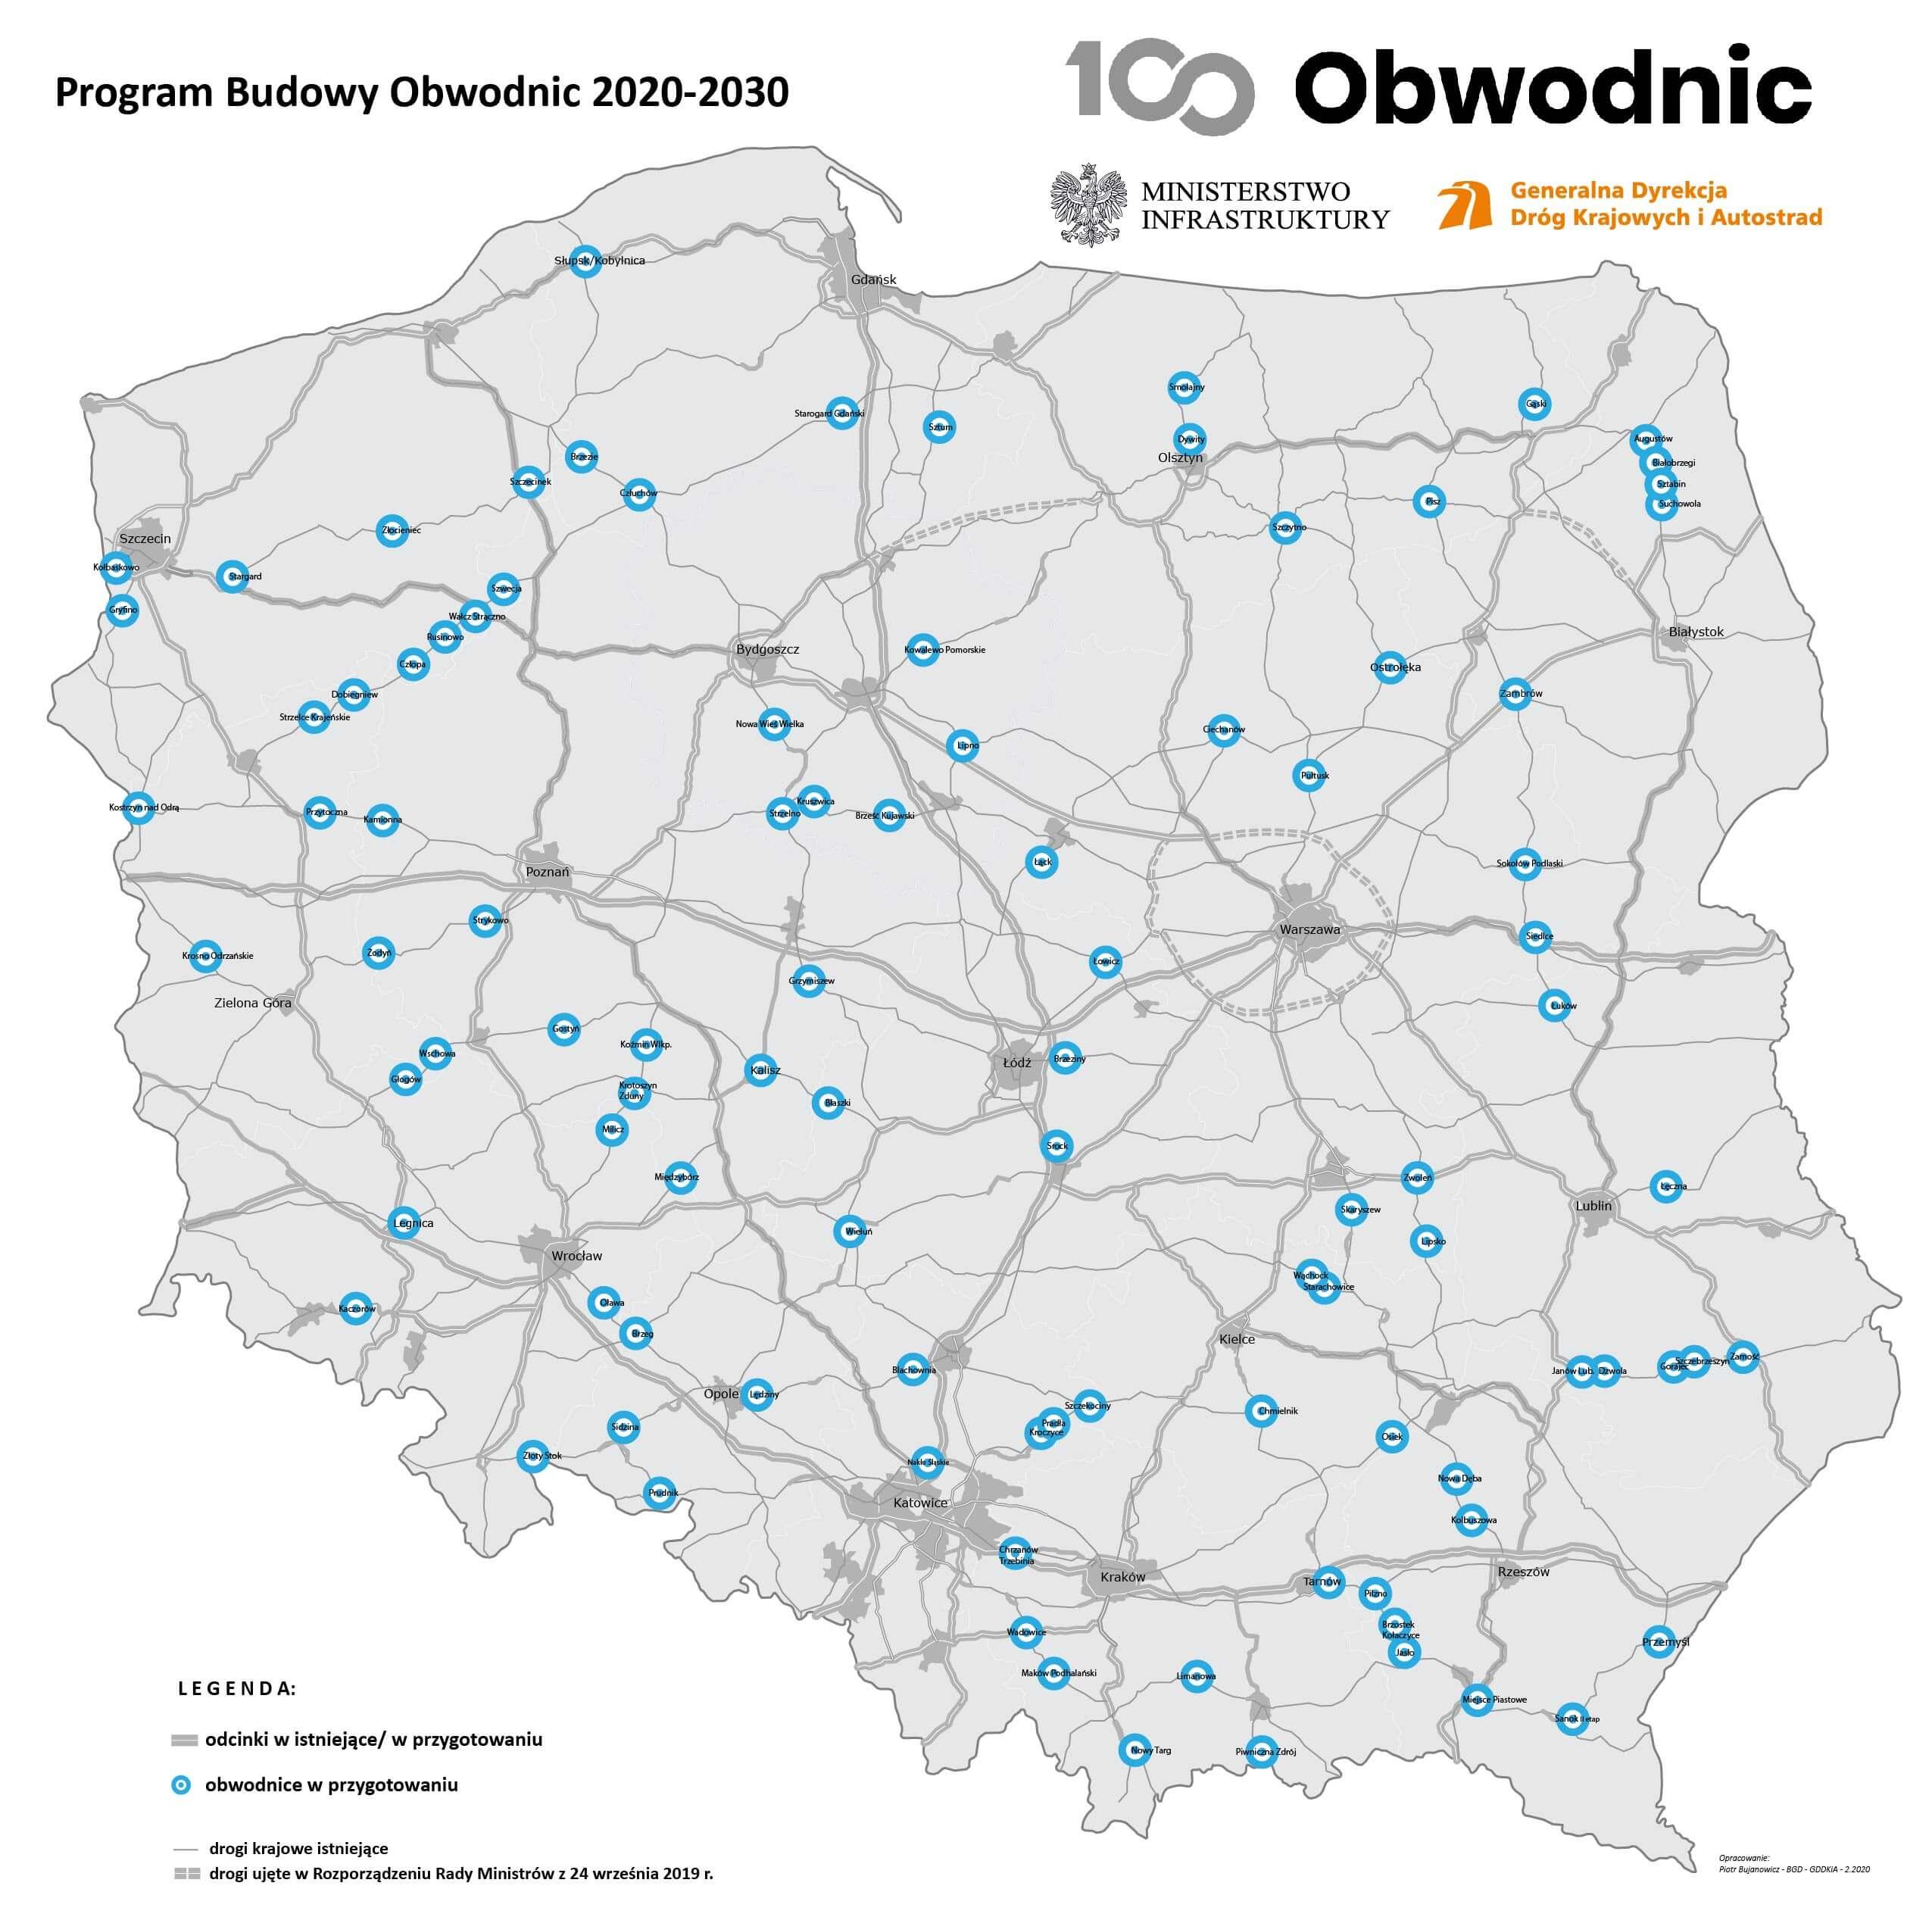 Budowa 100 obwodnic w Polsce. Źródło: GDDKiA